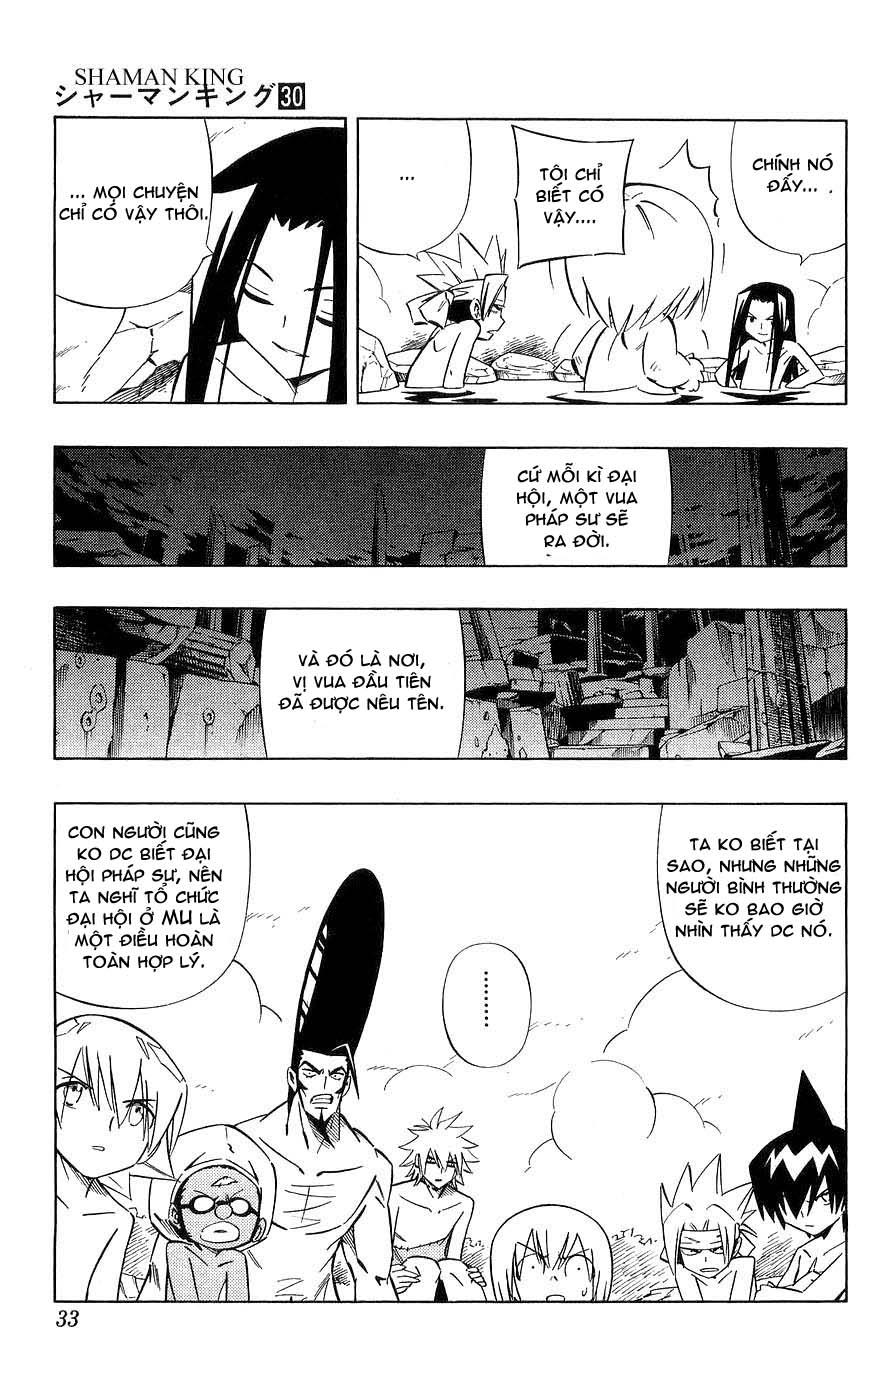 Vua Pháp Thuật-Shaman King chap 259 Trang 5 - Mangak.info